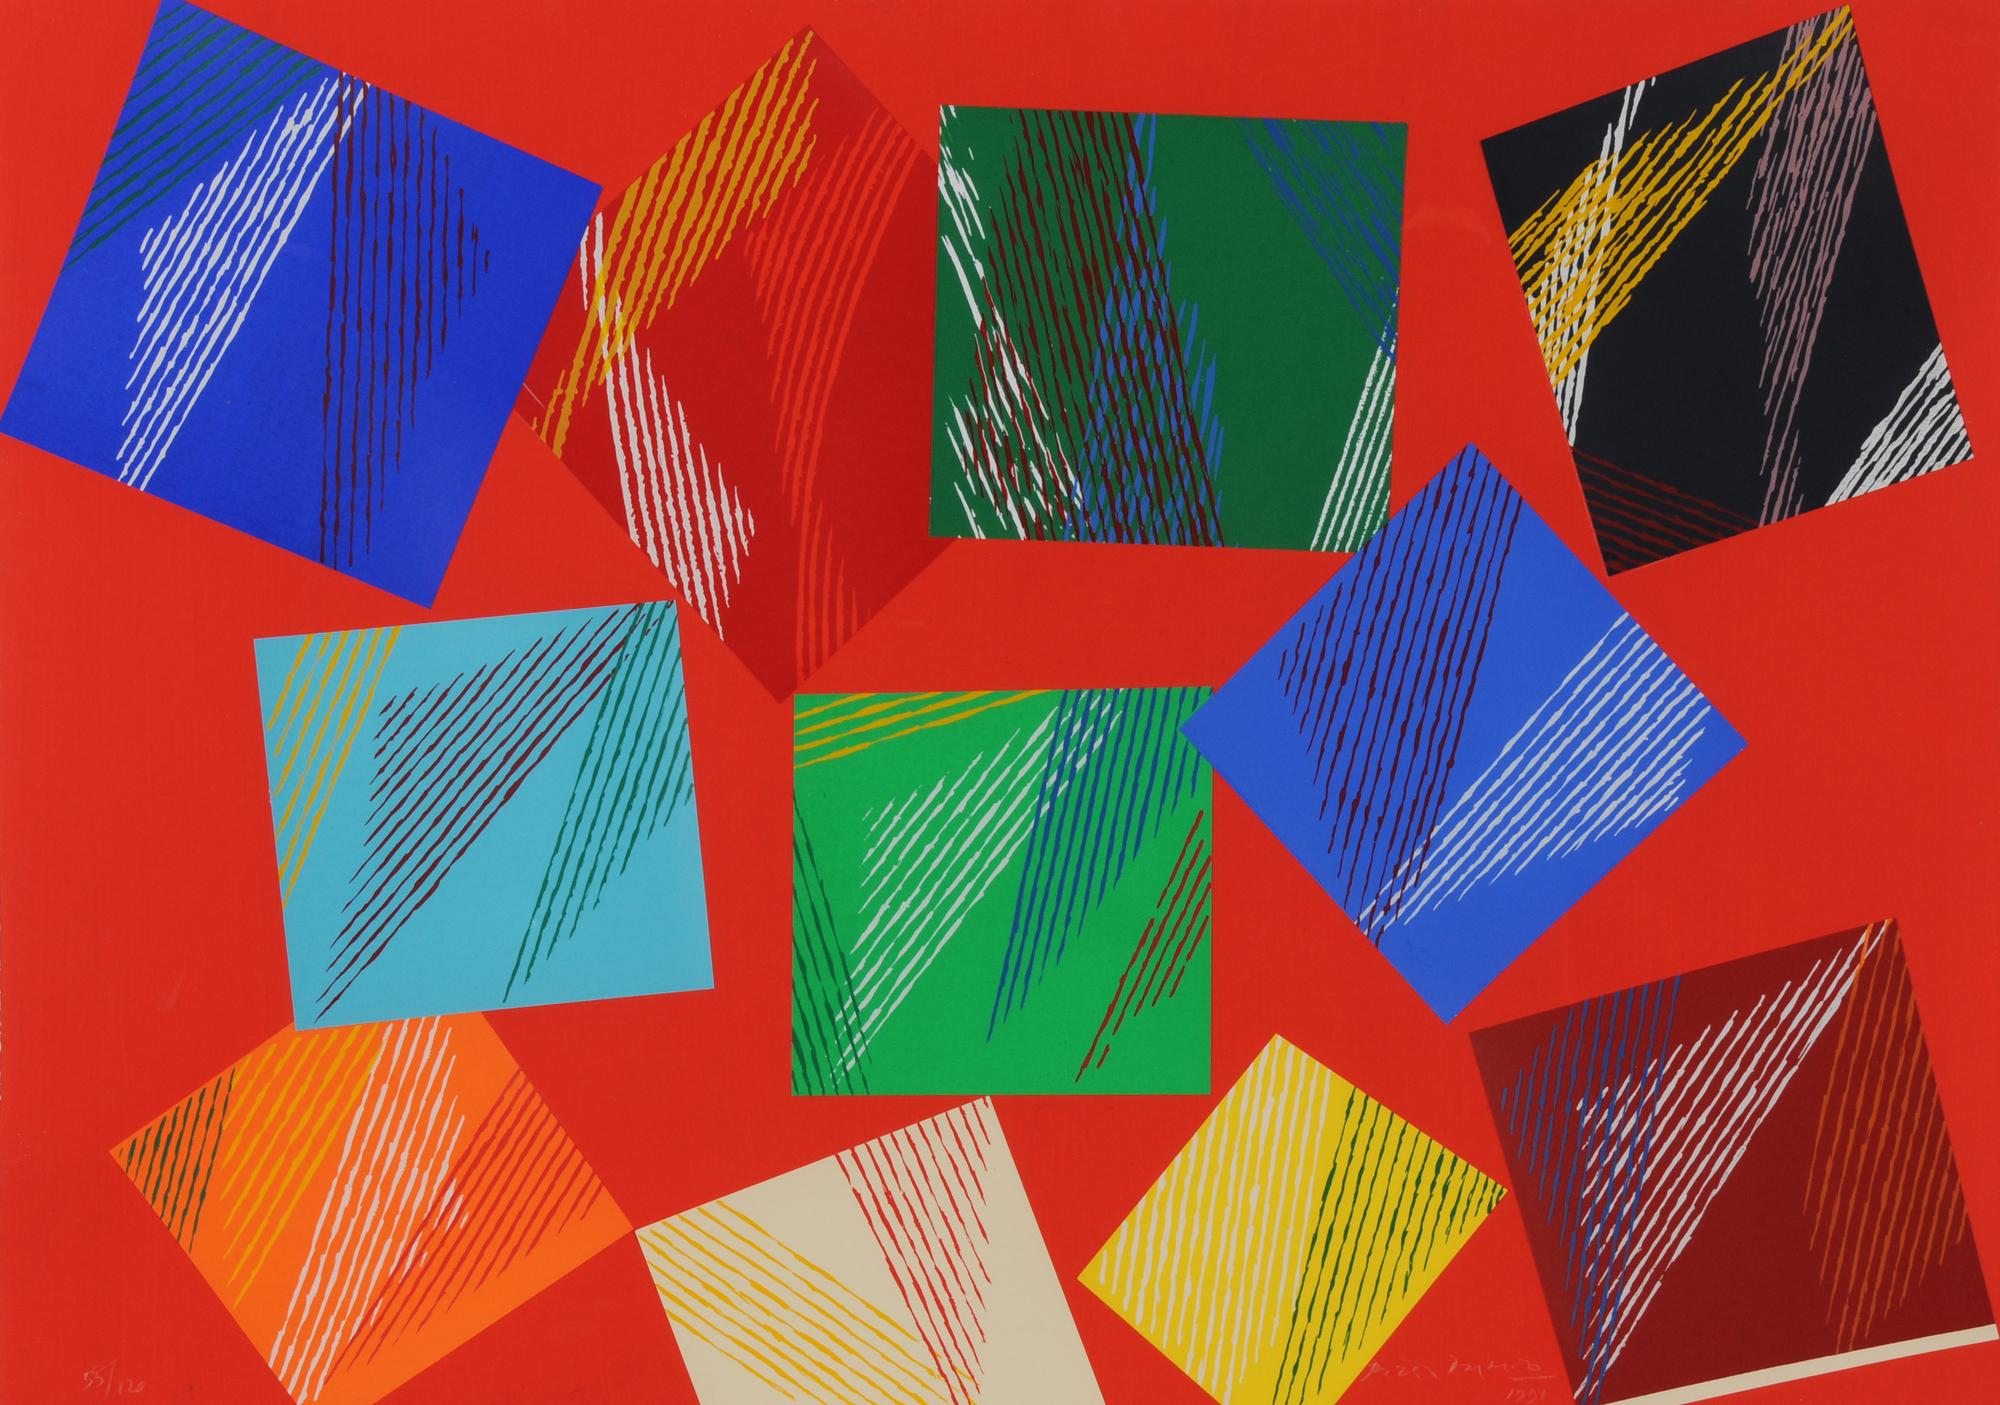 Dorazio Piero, Untitled